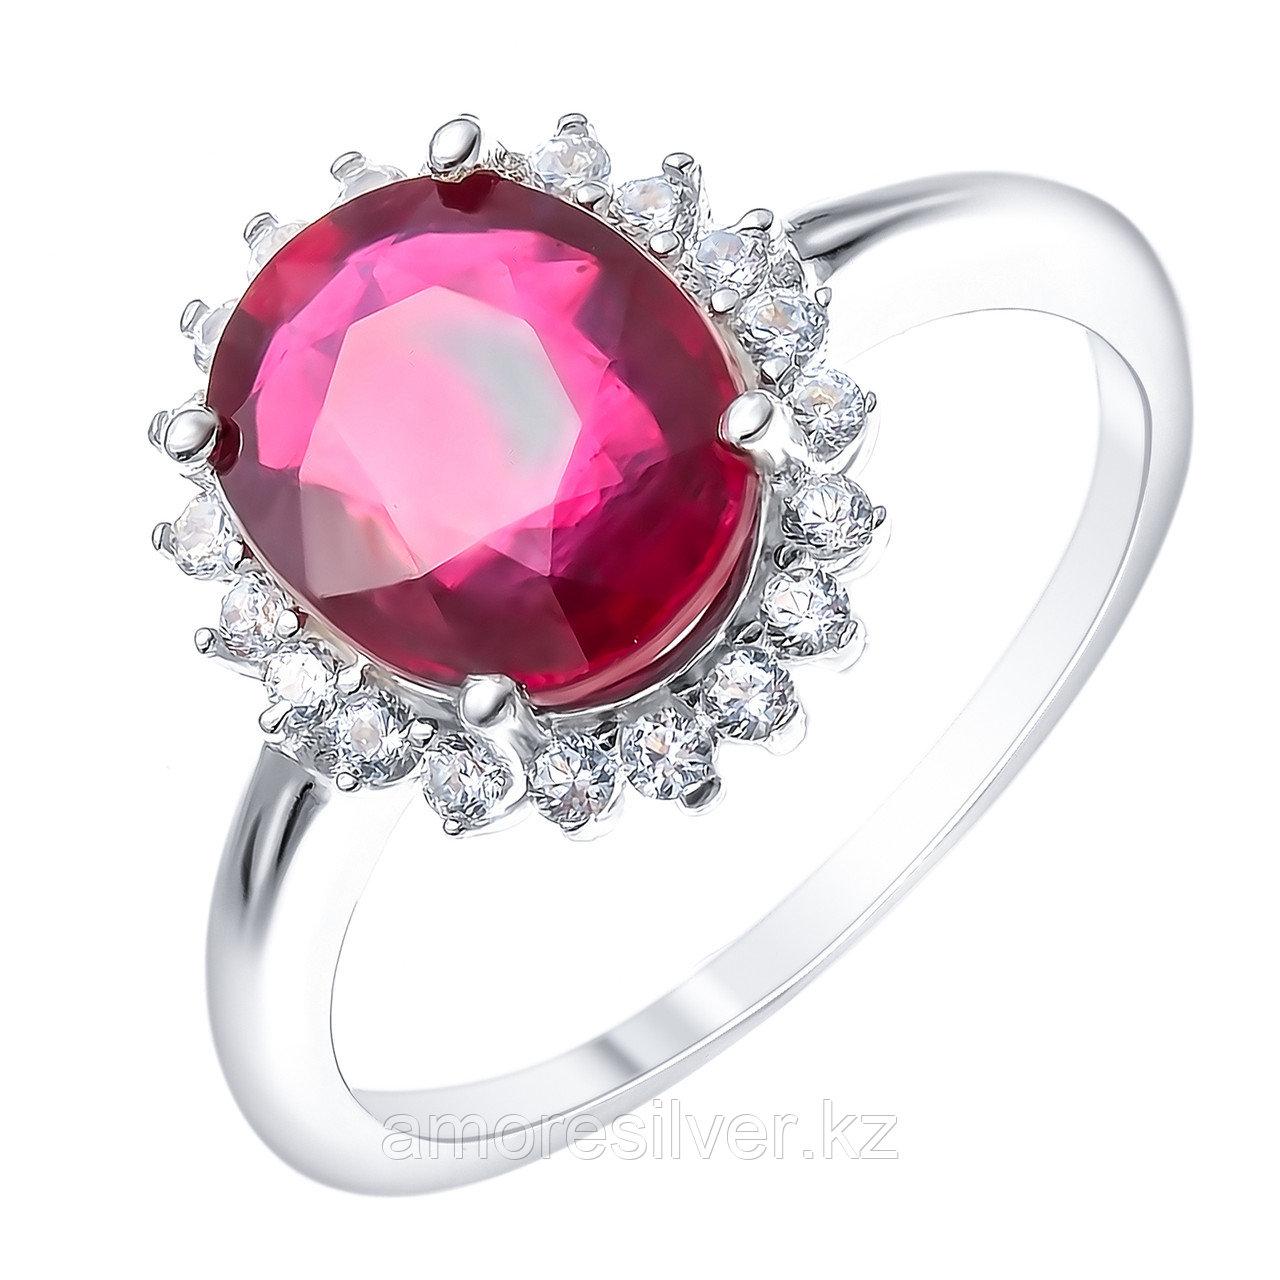 """Кольцо Teosa серебро с родием, рубин топаз, """"halo"""" R-DRGR00685-RB-T"""